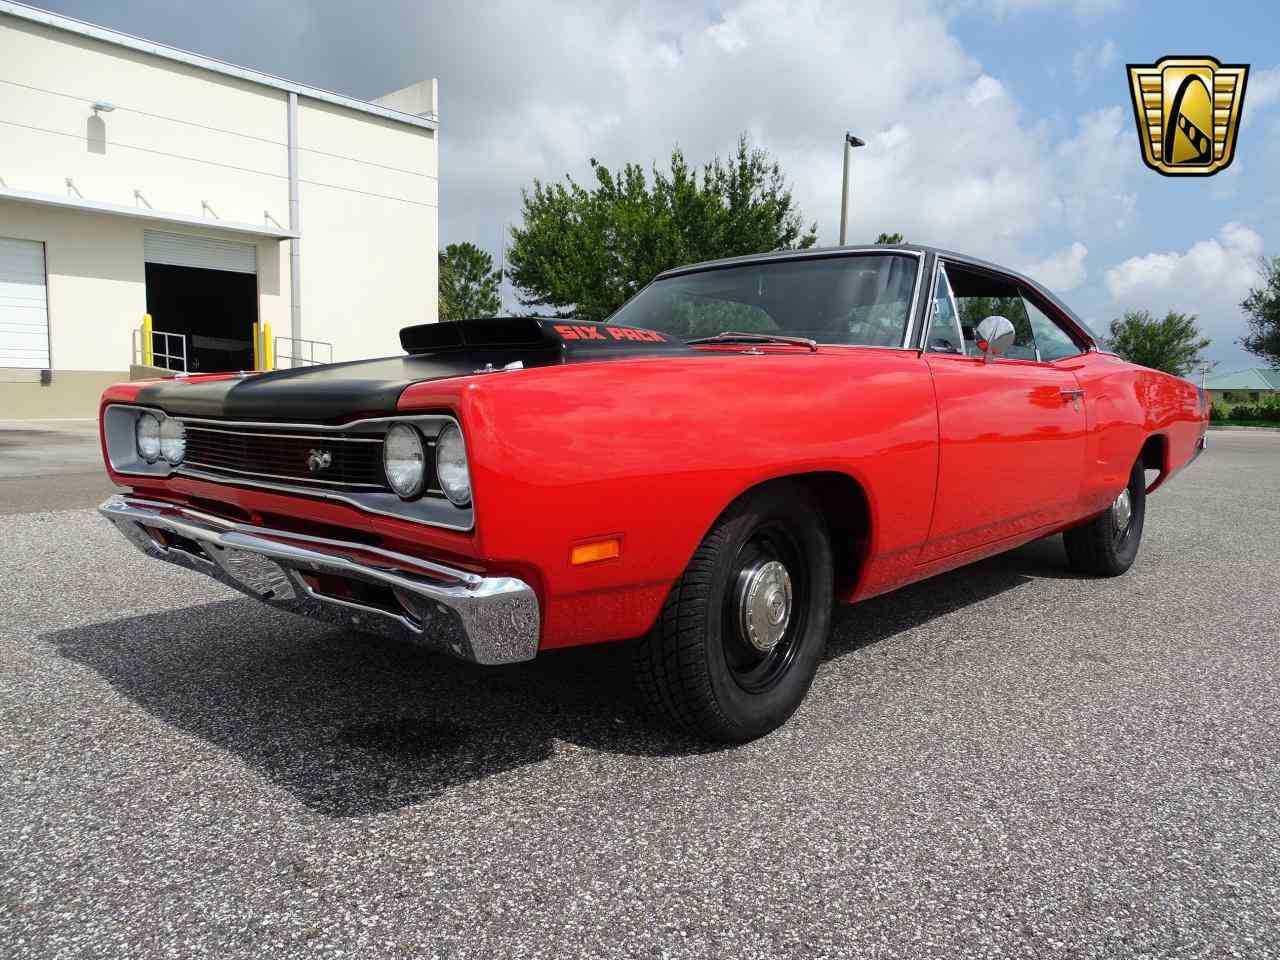 1969 Dodge Coronet For Sale In O Fallon Il Gcctpa1209 A12 Super Bee